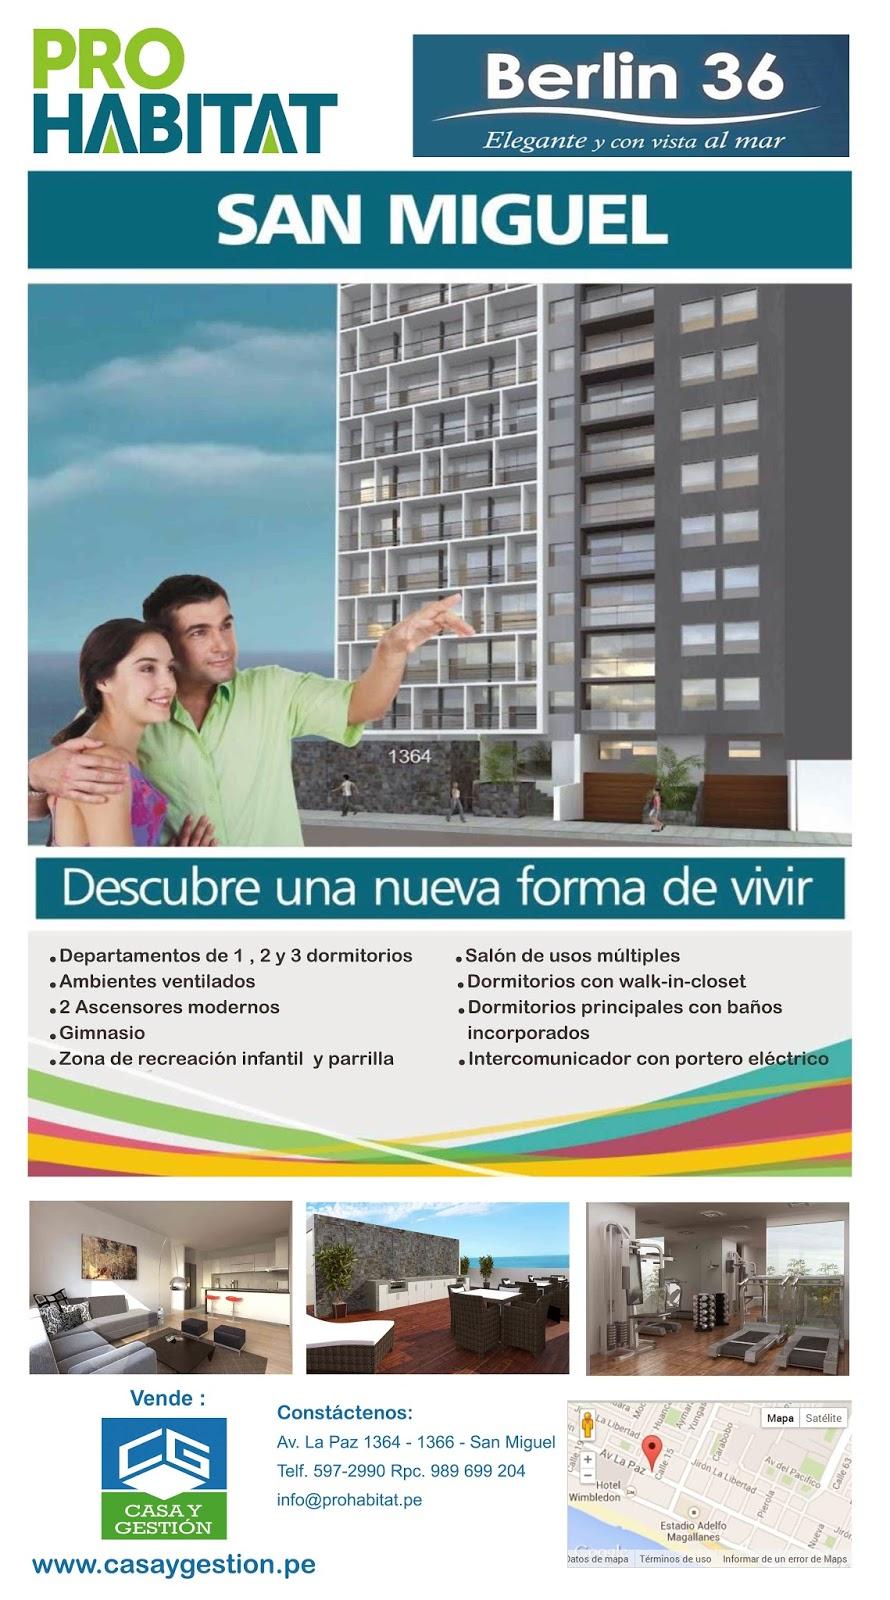 Baño Discapacitados Unit:BERLIN 36 está ubicado en la Av La Paz en San Miguel y se acoge al